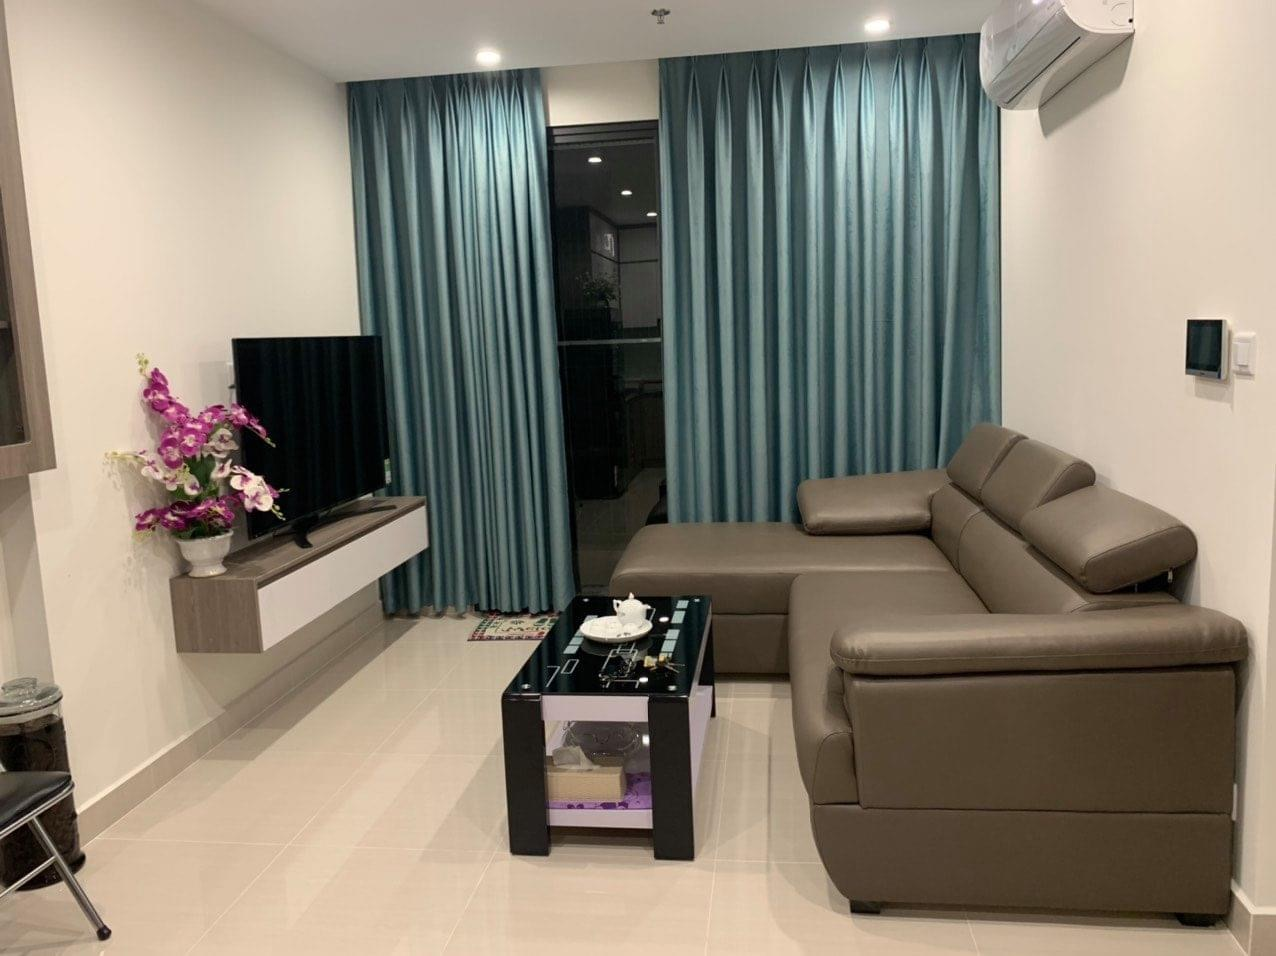 Căn hộ 1 phòng ngủ toà S1.06 Tầng 9 đủ nội thất 7tr/tháng 4